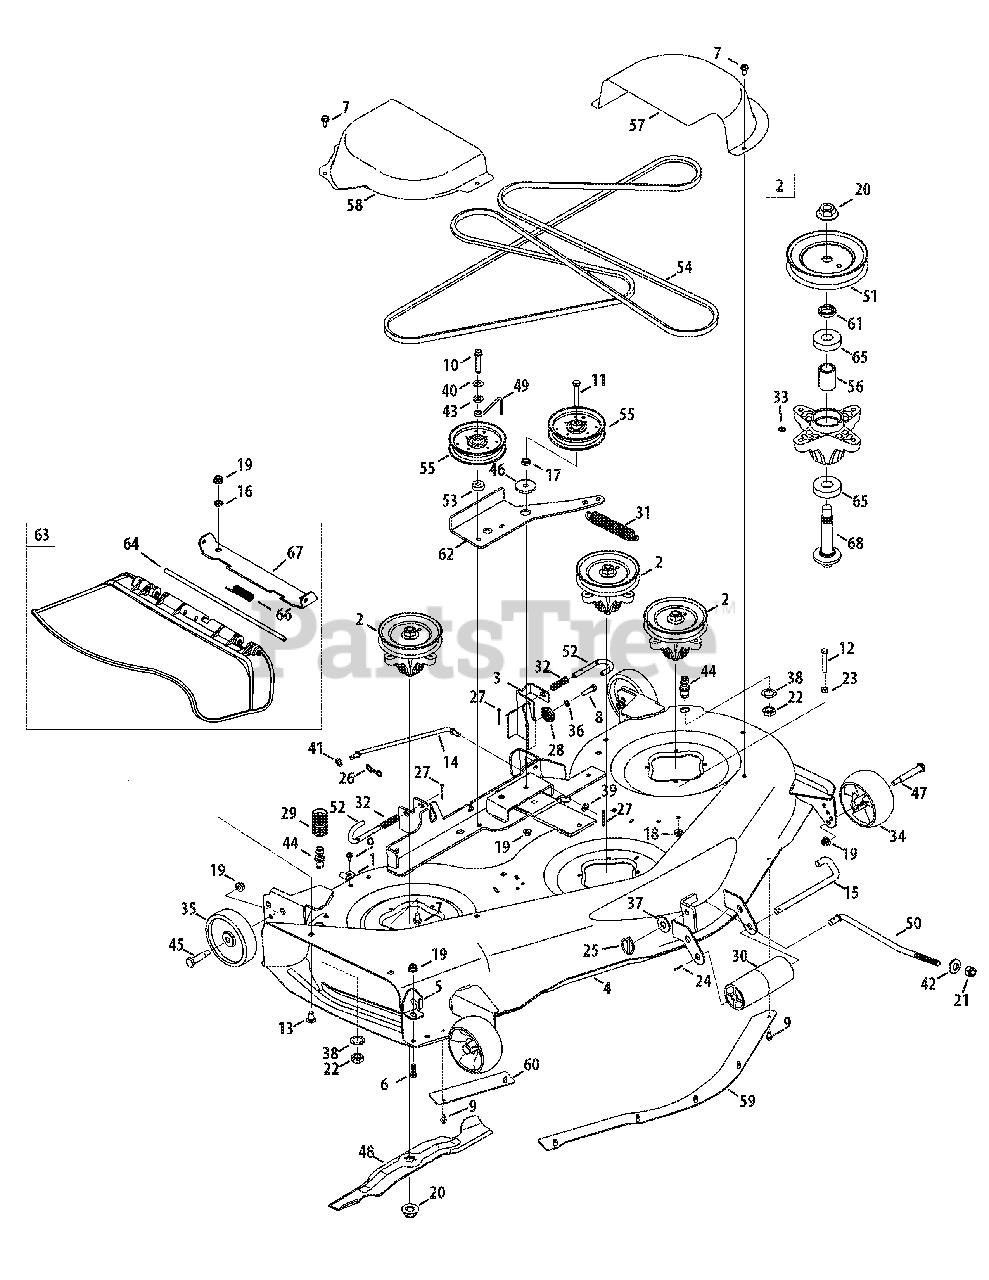 Cub Cadet Ltx 1050 Drive Belt Diagram : cadet, drive, diagram, DIAGRAM], Cadet, Parts, Diagram, Wiring, Version, Quality, DIAGRAMINFO.CAPPADOCIAWEB.IT